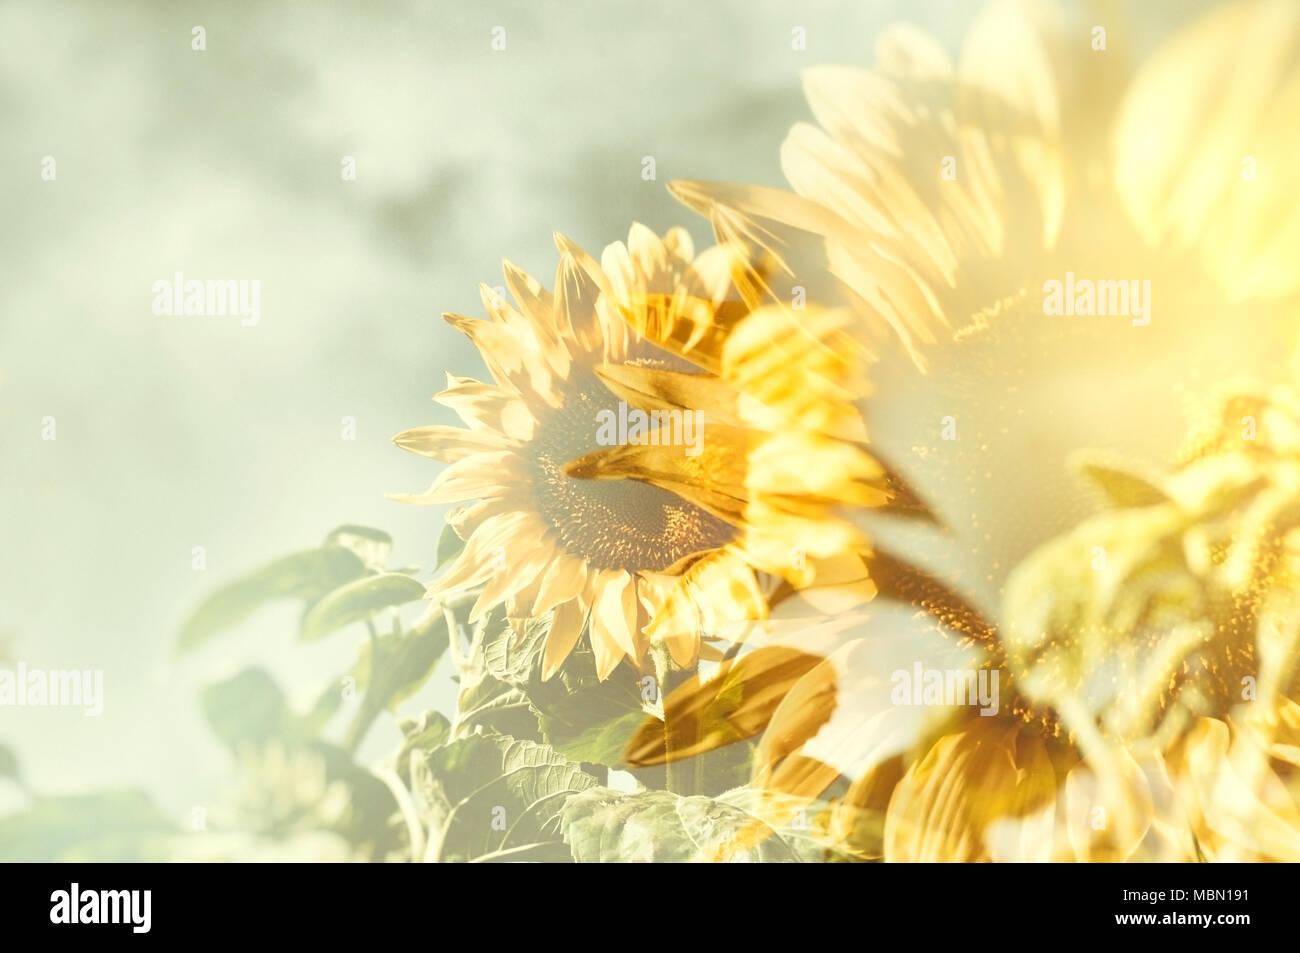 Girasol abstractos con oro borrosa sunburst como fondo. Foto de stock